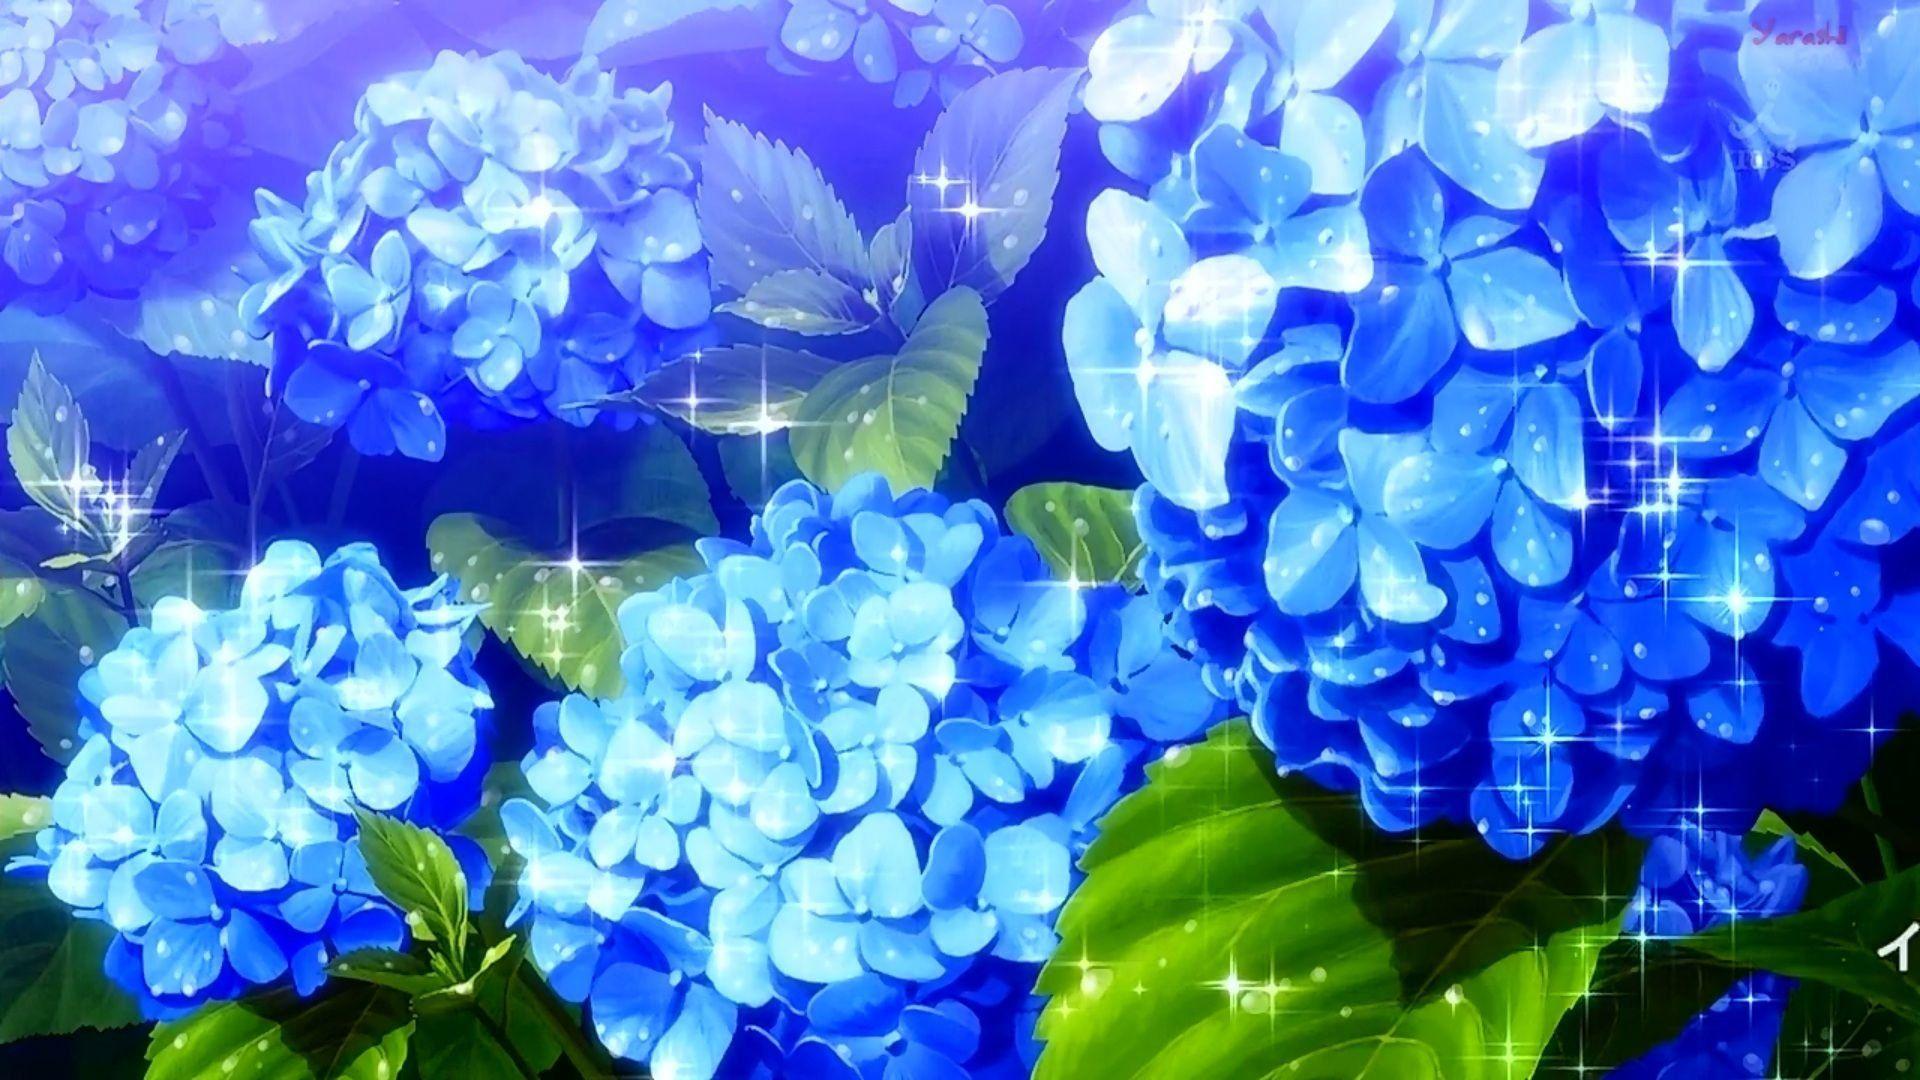 On Twitter Anime Flower Blue Flower Wallpaper Anime Scenery Coolest anime flower wallpaper